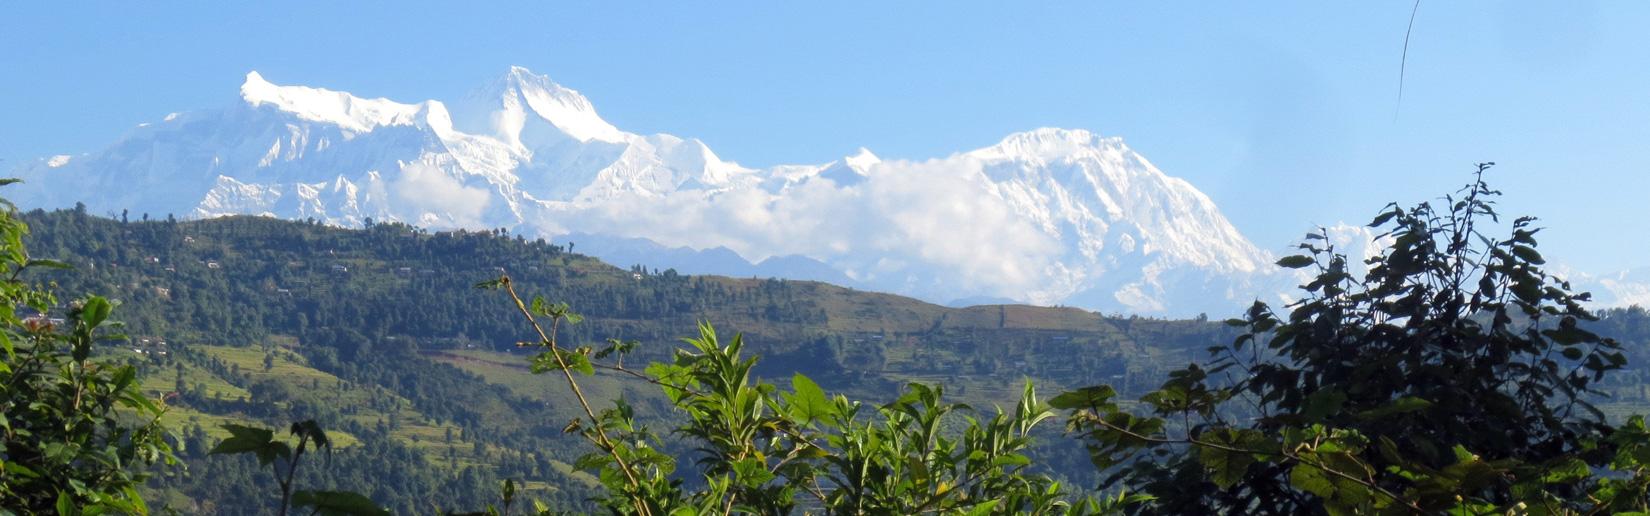 Mt. Annapurnna & fishtail